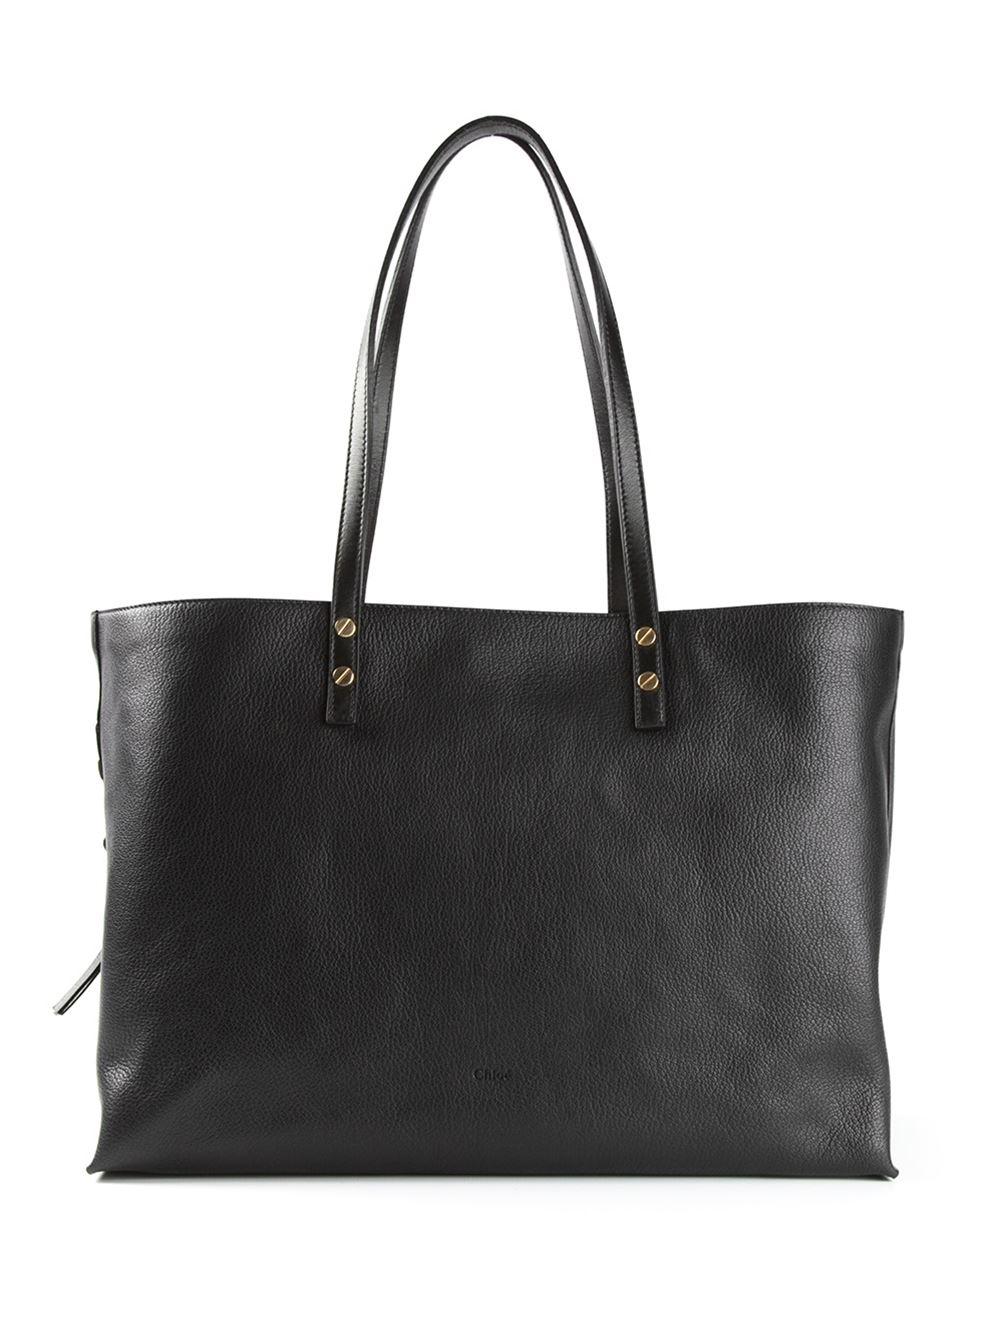 Chloé 'dilan' Shopper Tote in Black